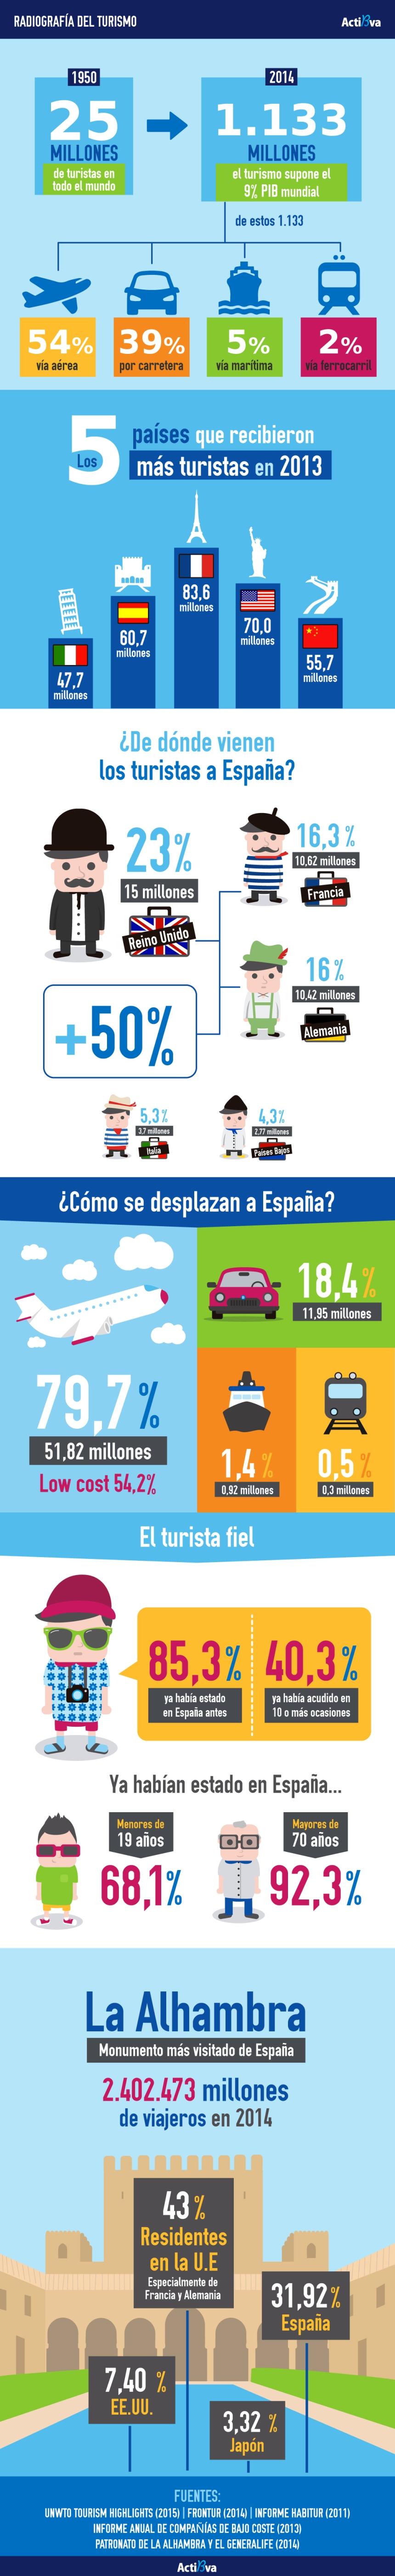 Cómo es el Turista que viene a España